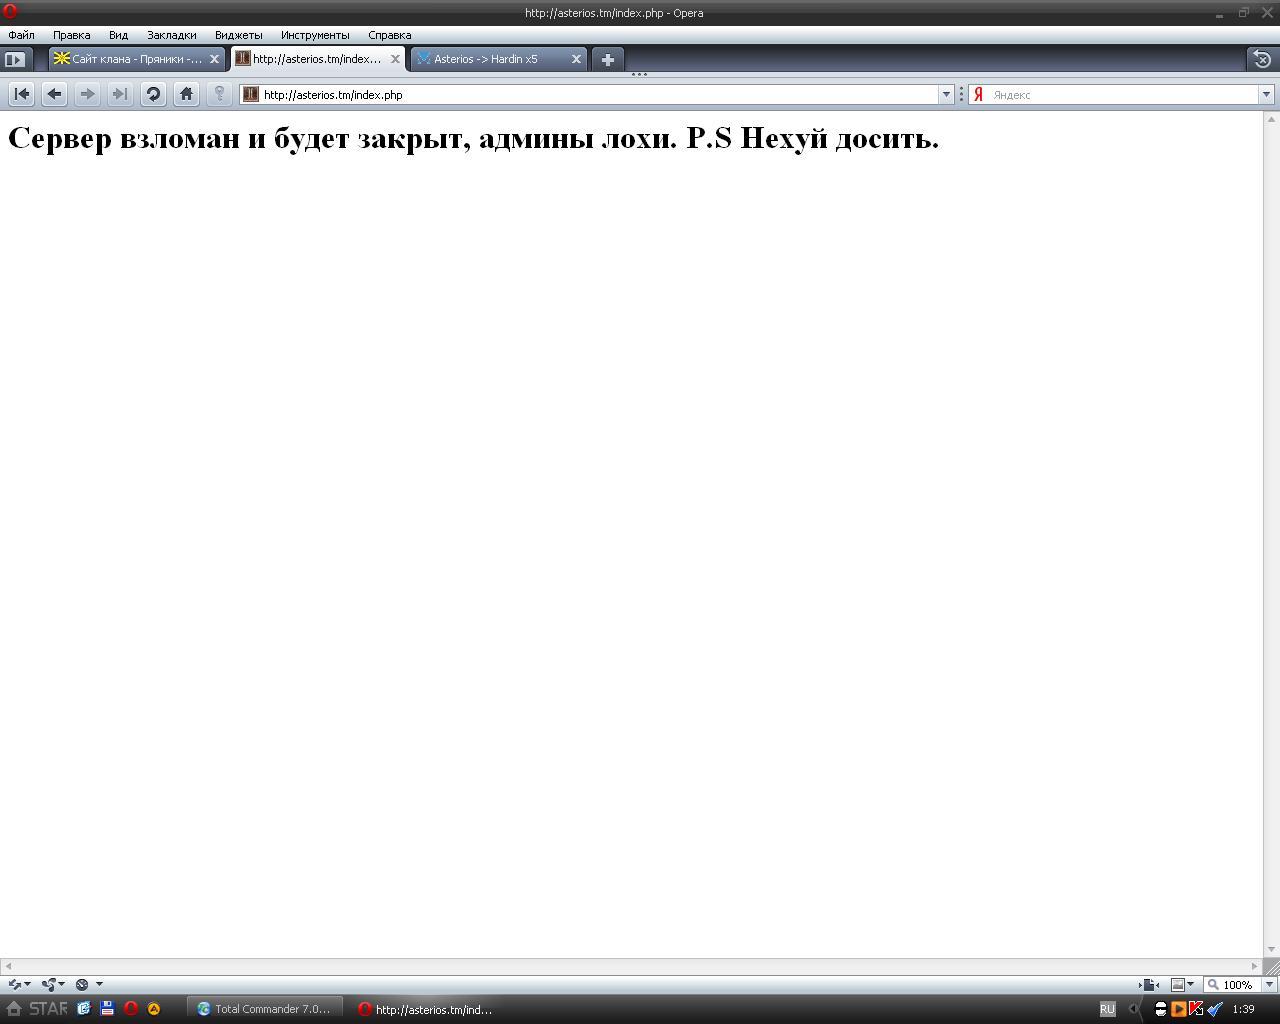 Итак, сегодня был взломан сервер Asterios.Tm, в чём можно убедиться зайдя н